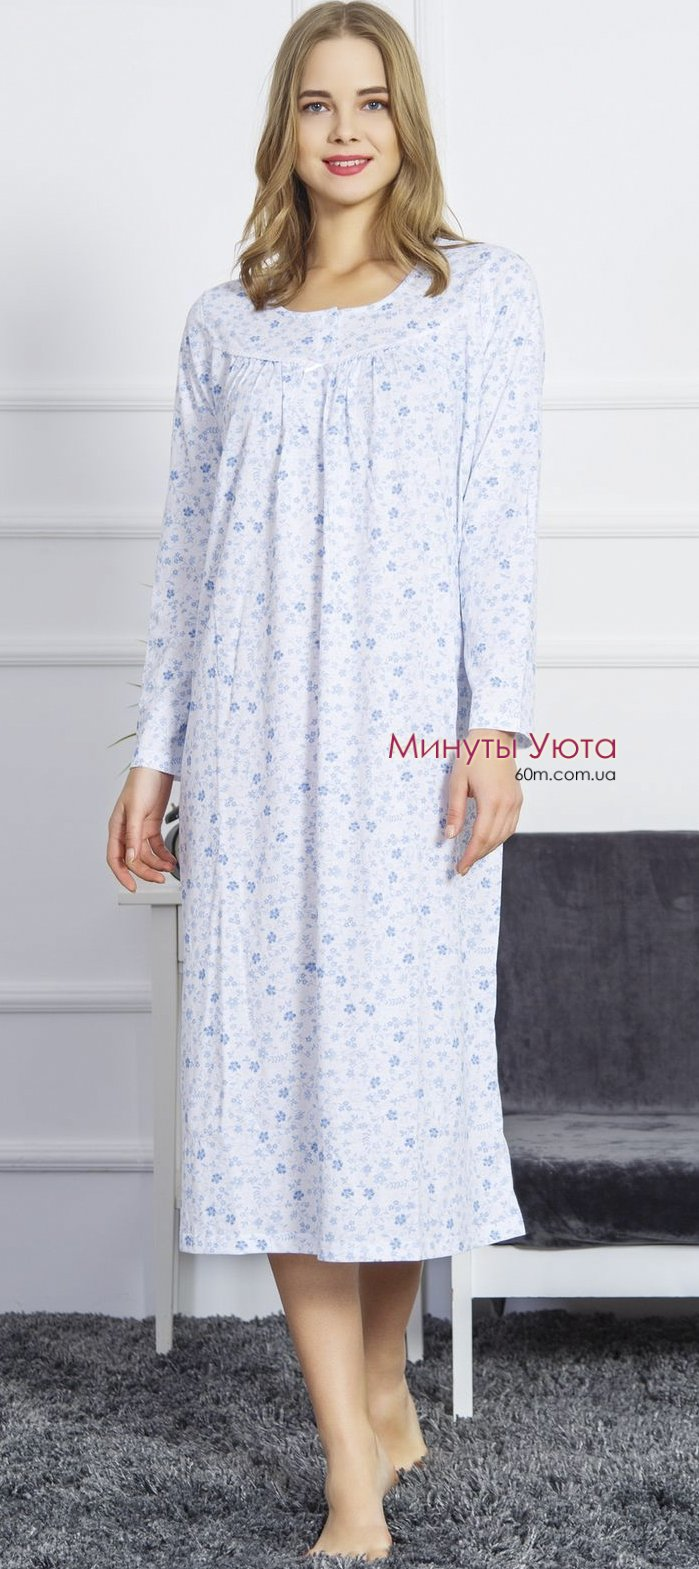 218ea9c265ee258 Ночная рубашка в голубом цвете в цветочный рисунокв Днепре. Рукав ...